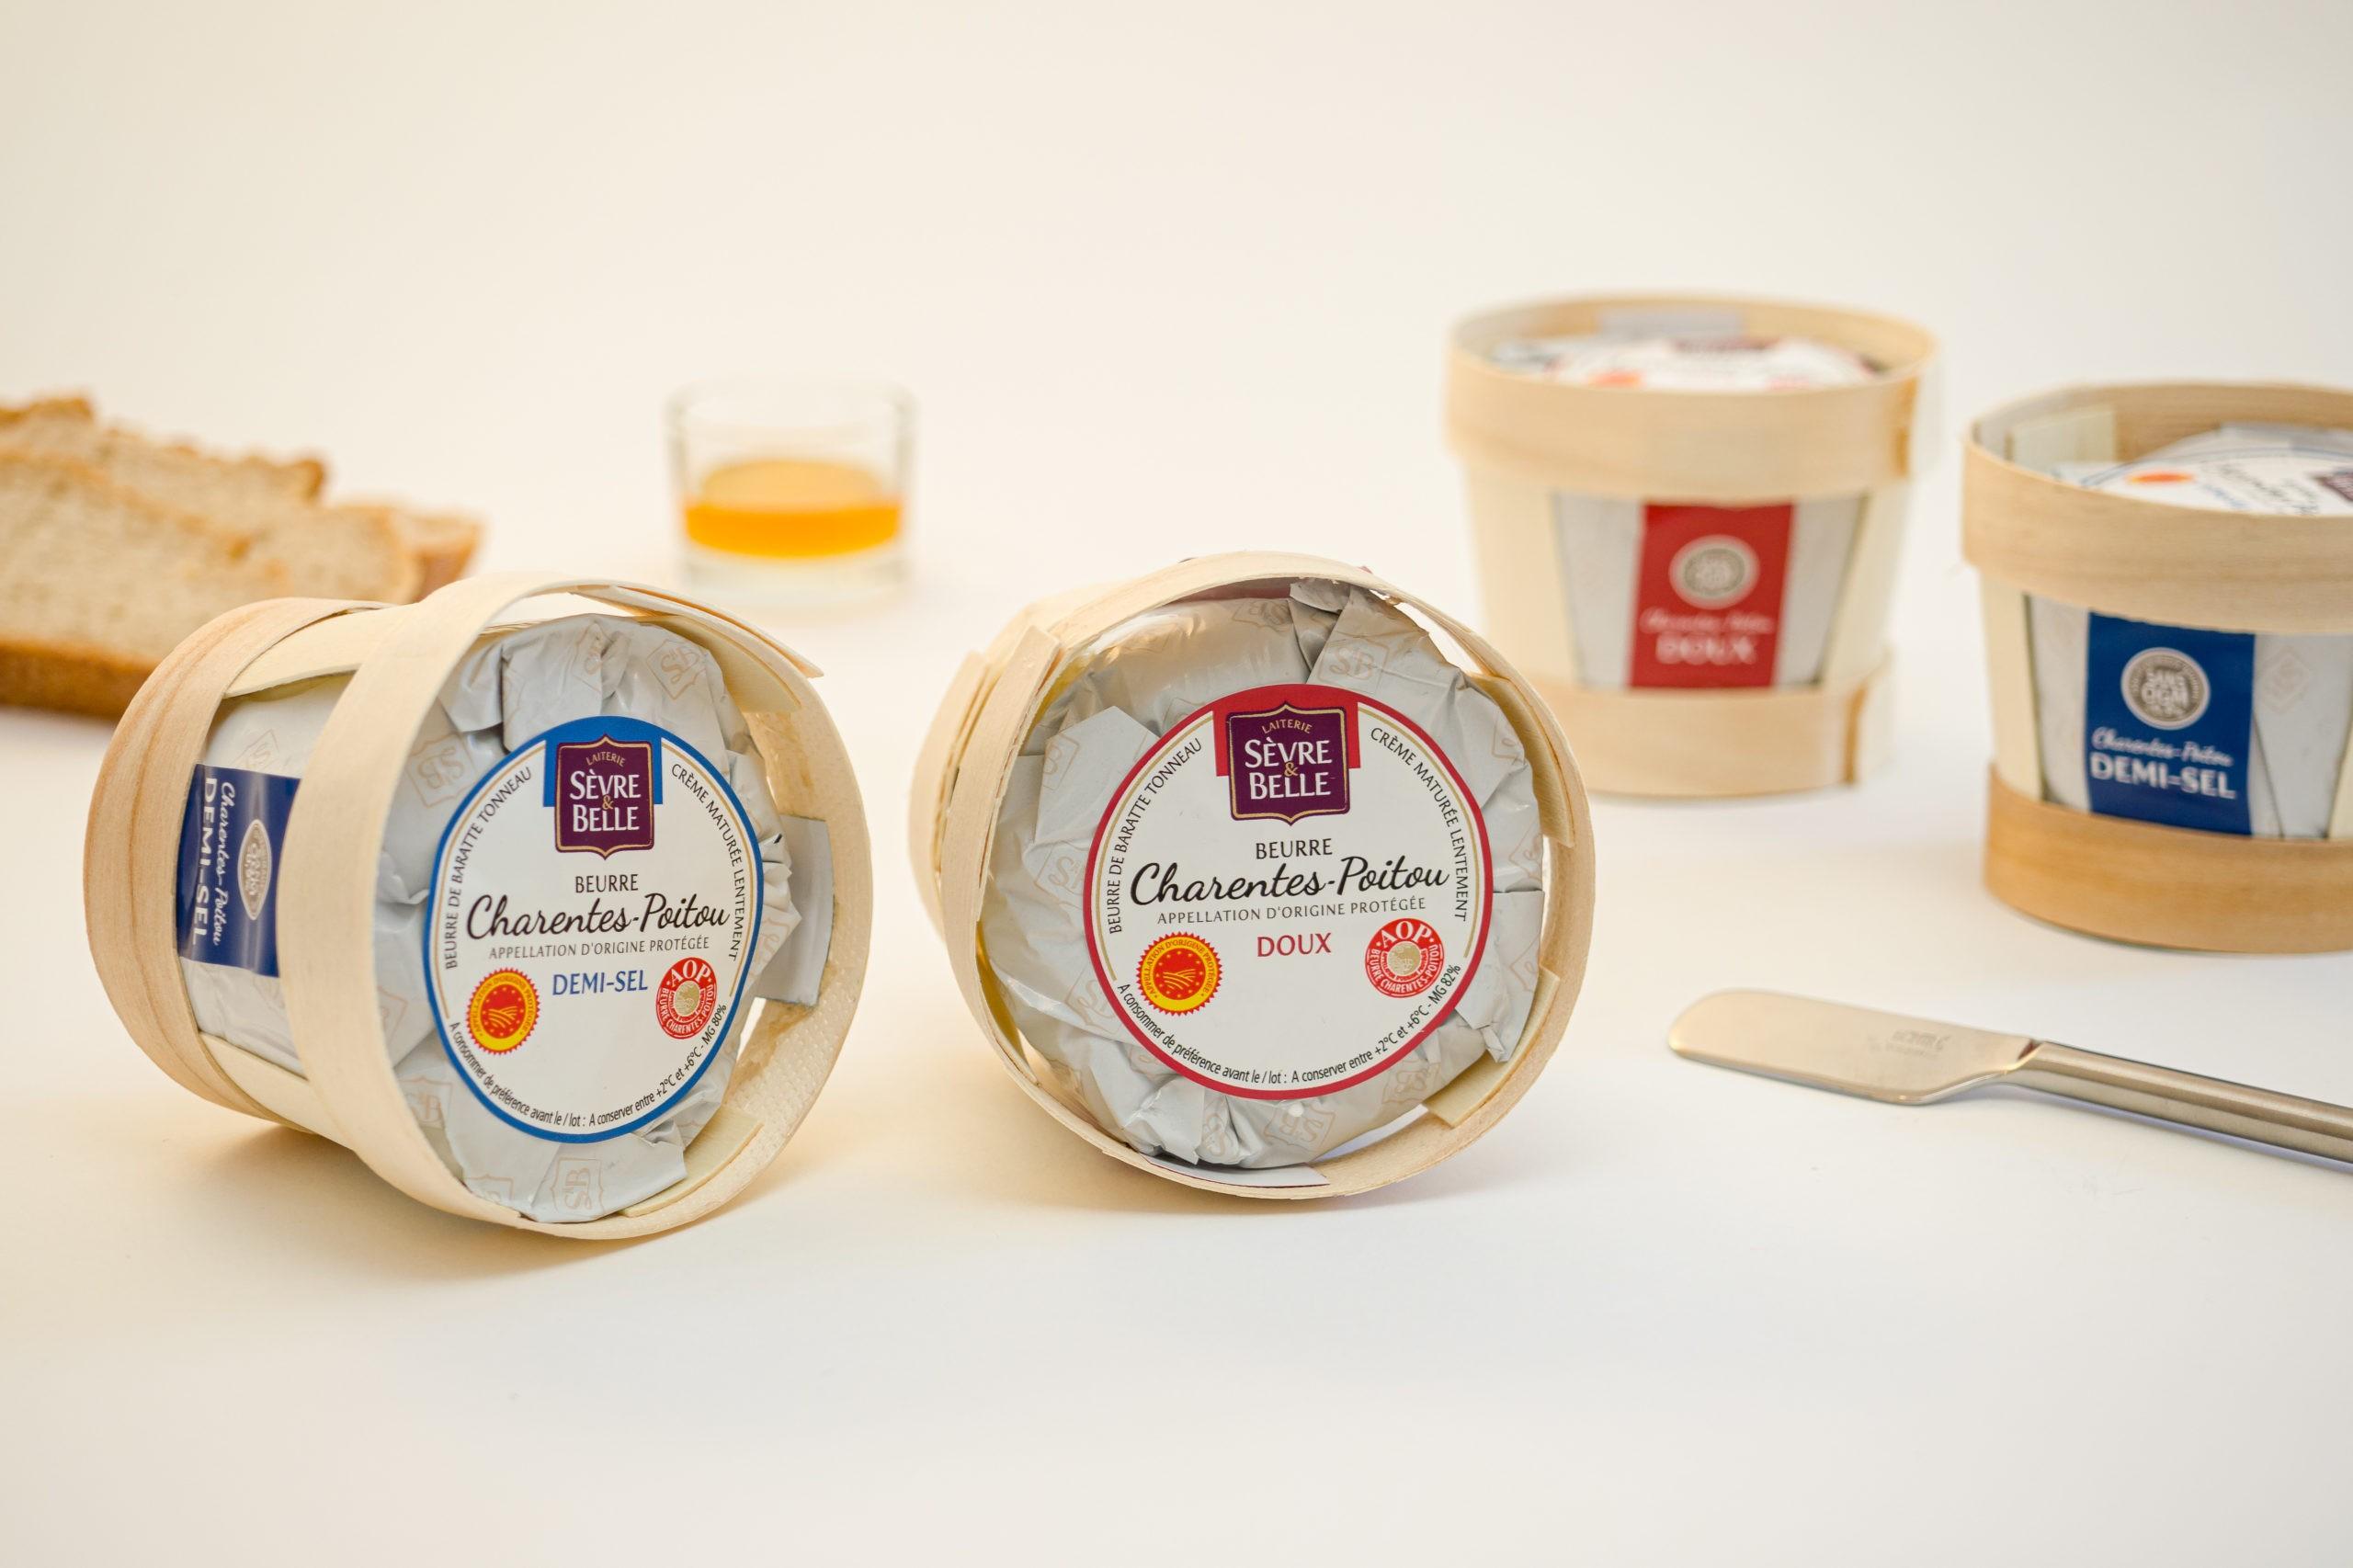 Beurres de Charente Poitou Sèvre&Belle doux et demi-salé